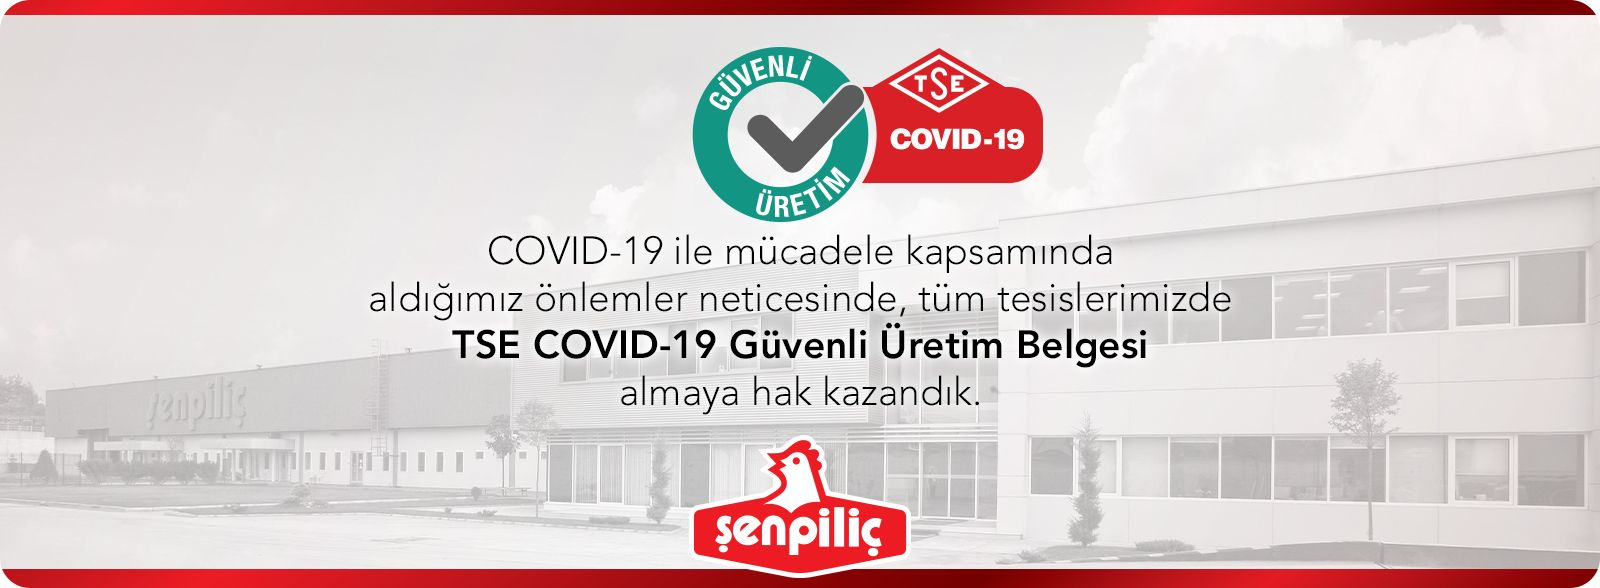 COVID-19 ile mücadele kapsamında aldığımız önlemler neticesinde, tüm tesislerimizde TSE COVID-19 Güvenli Üretim Belgesi almaya hak kazandık.